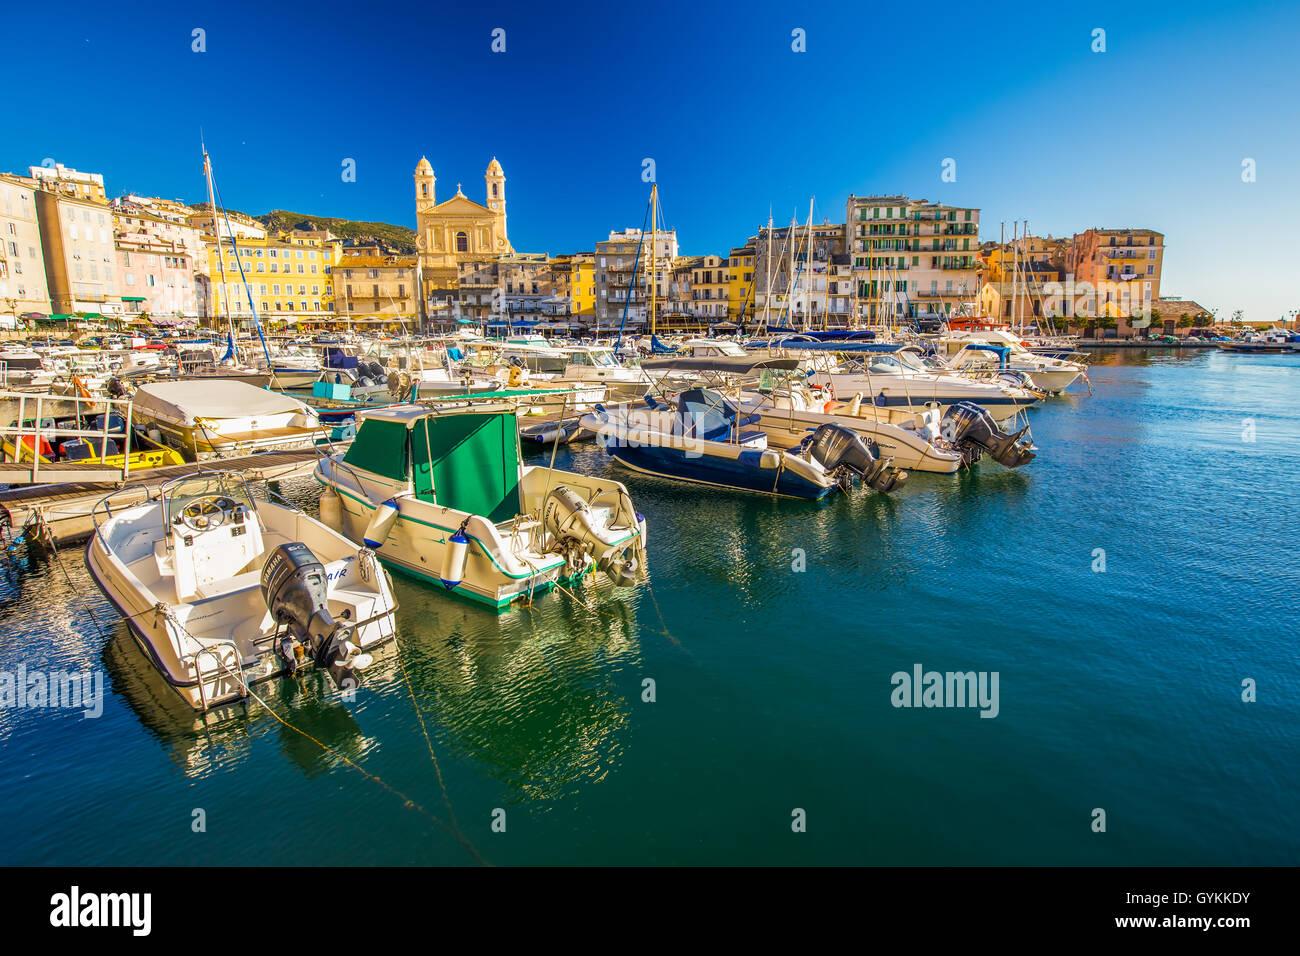 Blick zur Altstadt Stadt Zentrum von Bastia mit Joannis Babtistes Kathedrale und Boote im Hafen, Frankreich, Europa. Stockbild